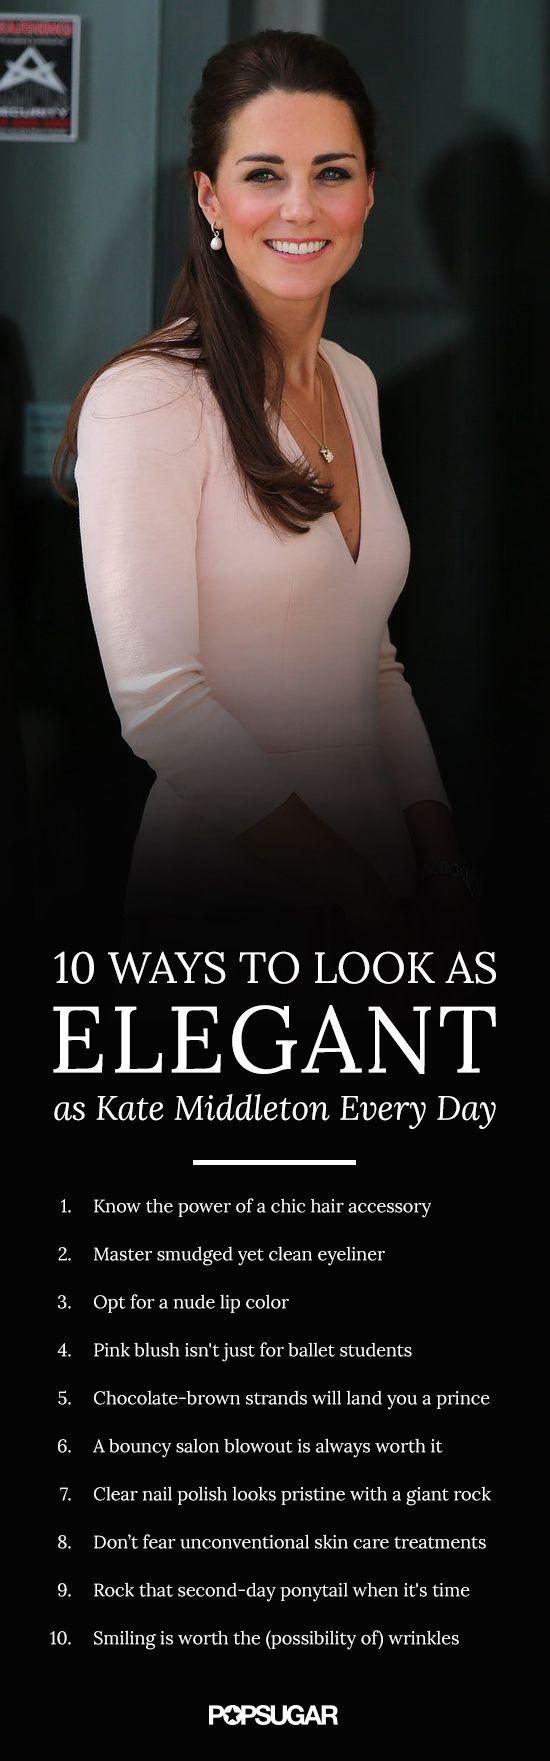 Follow these tricks to look as gorgeous as Kate Middleton!